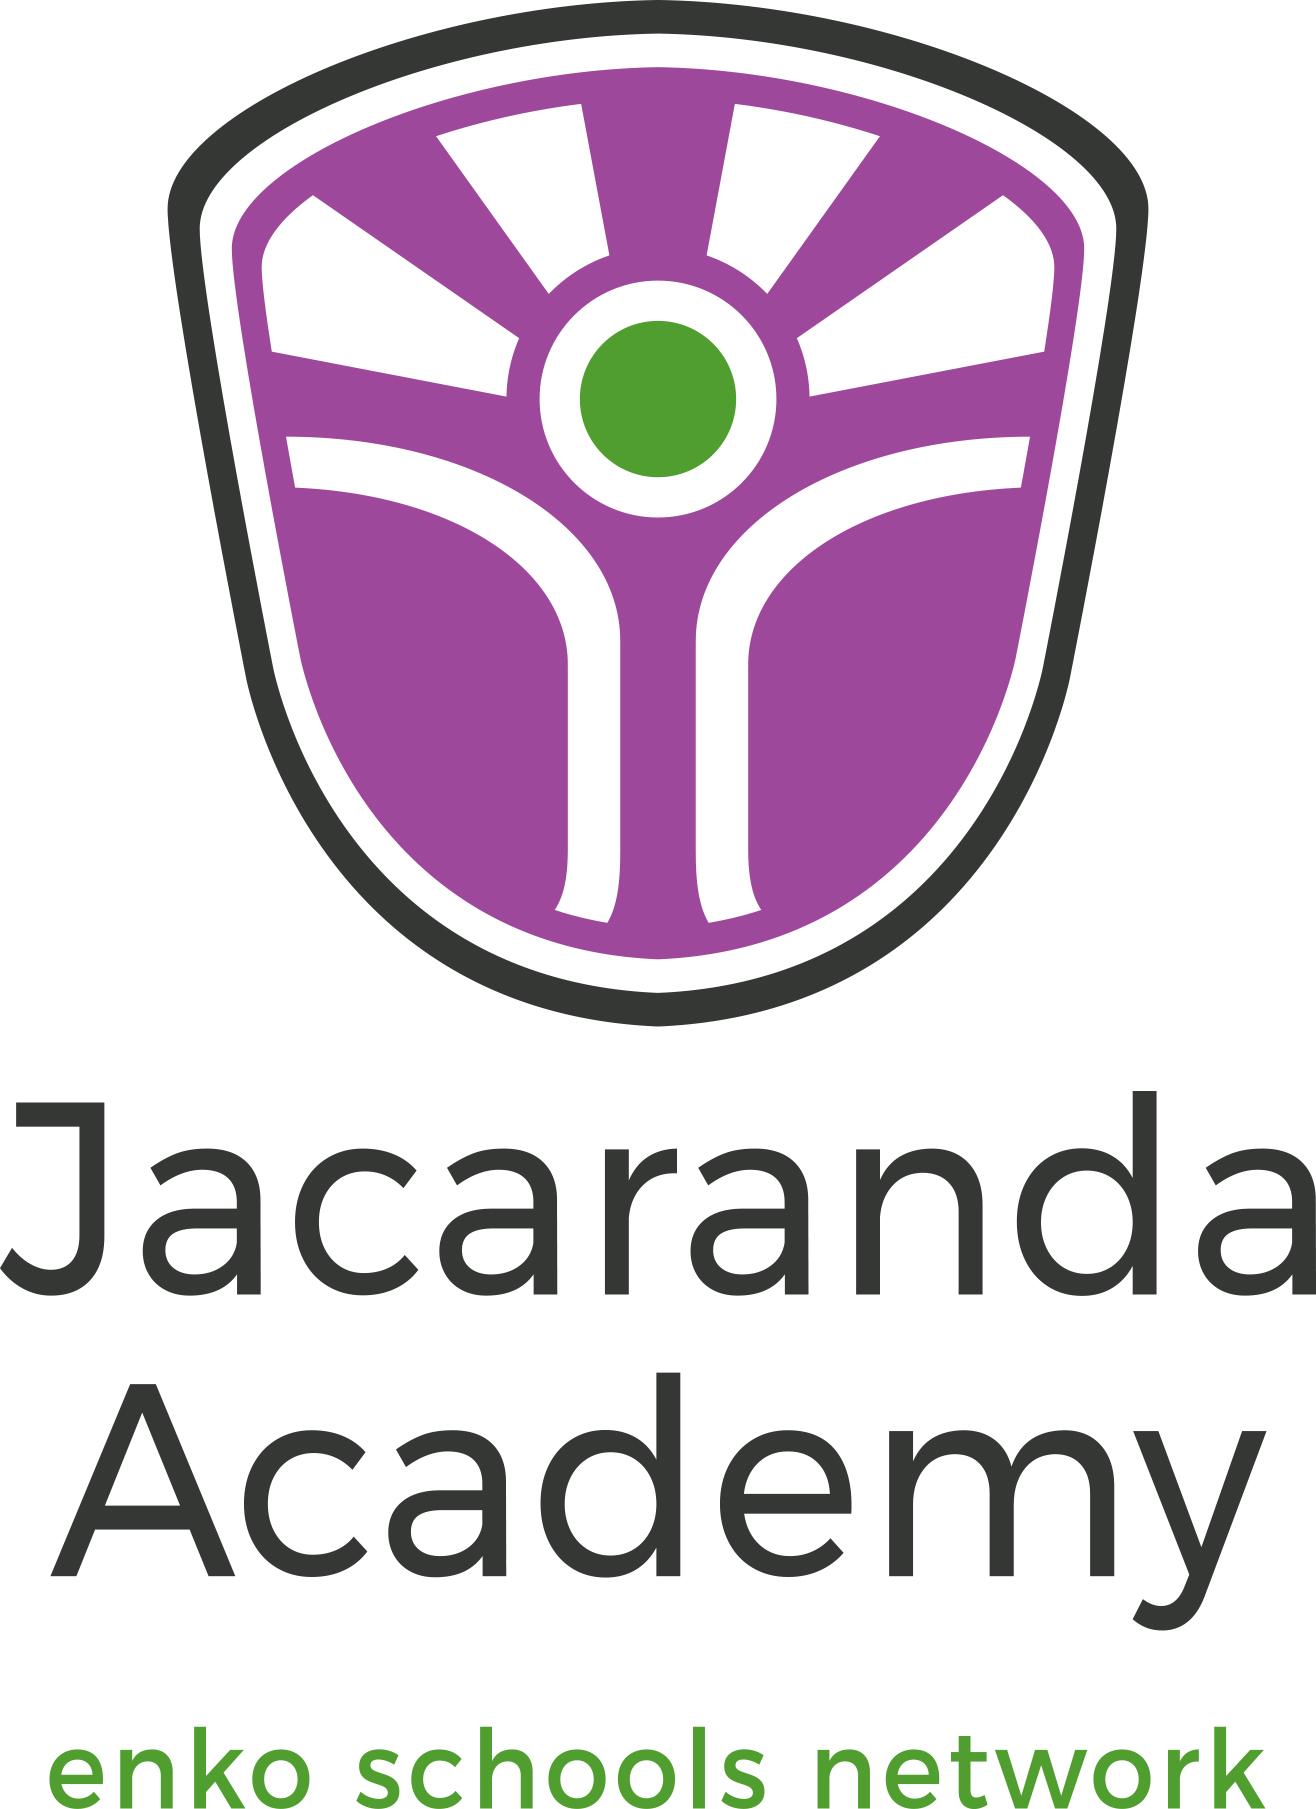 Welcome to Jacaranda Academy